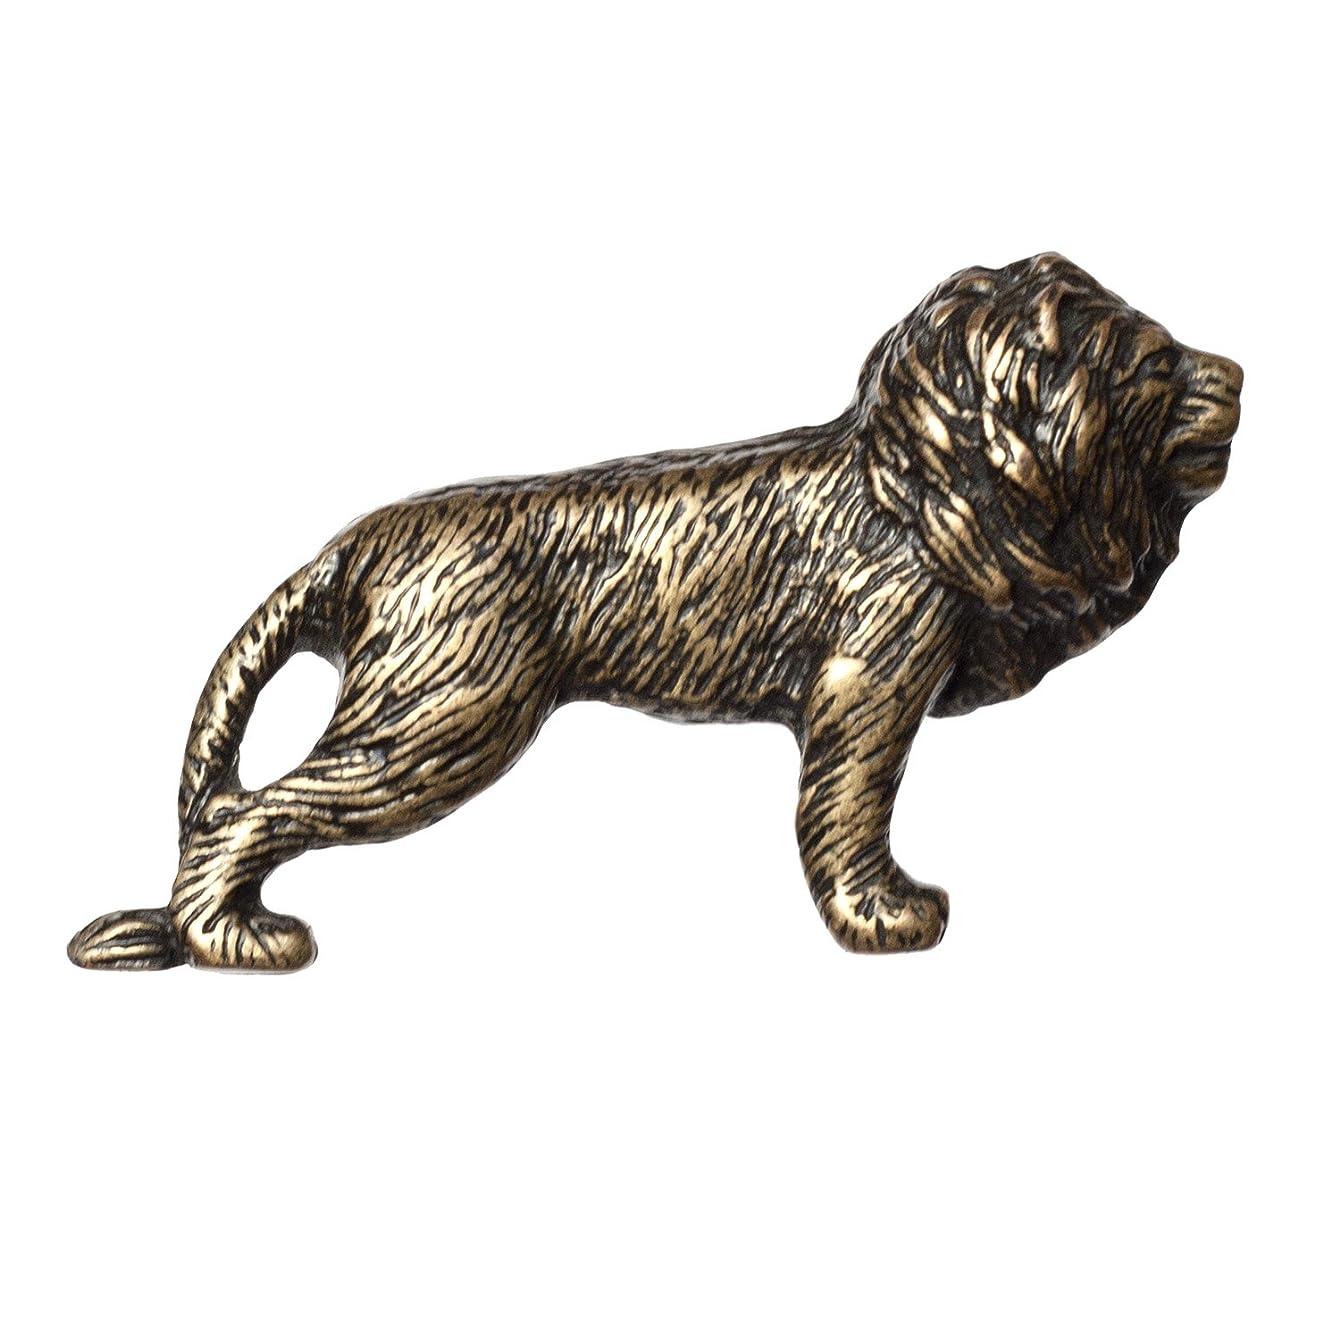 Big Sky Hardware Sierra Lifestyles Lion Knob, Antique Brass